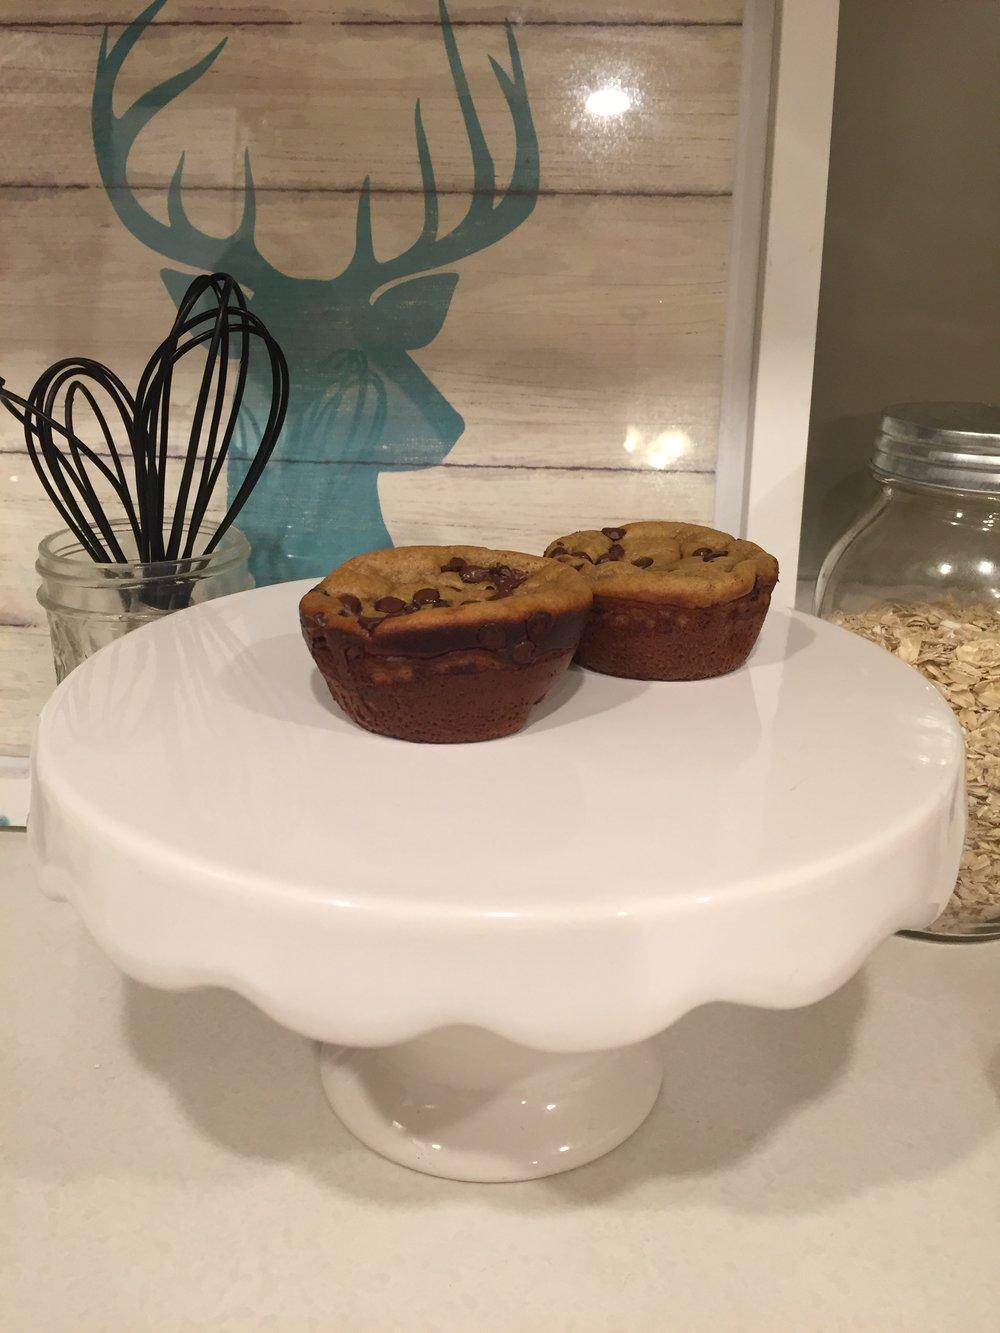 5 Ingredient Power Muffins